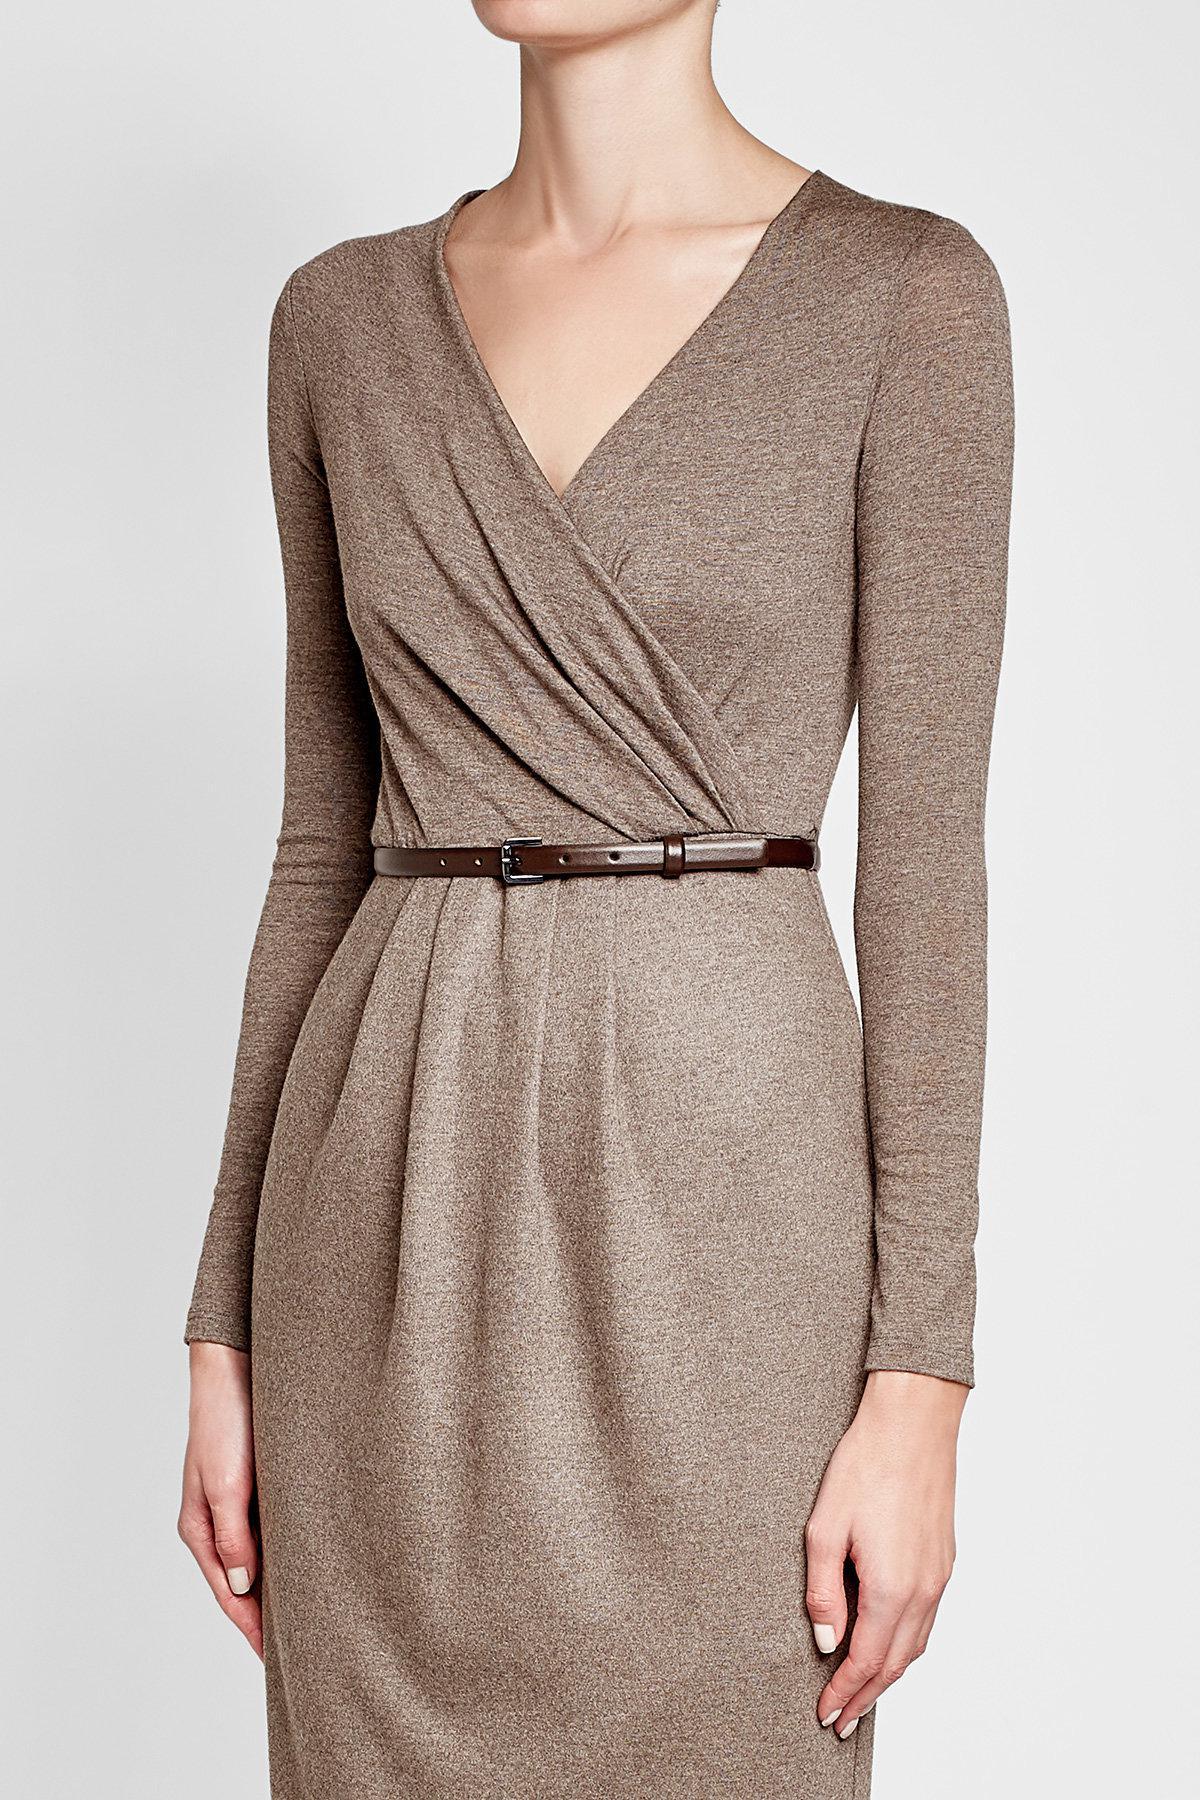 0fd8d86955f Lyst - Max Mara Virgin Wool Dress With Leather Belt